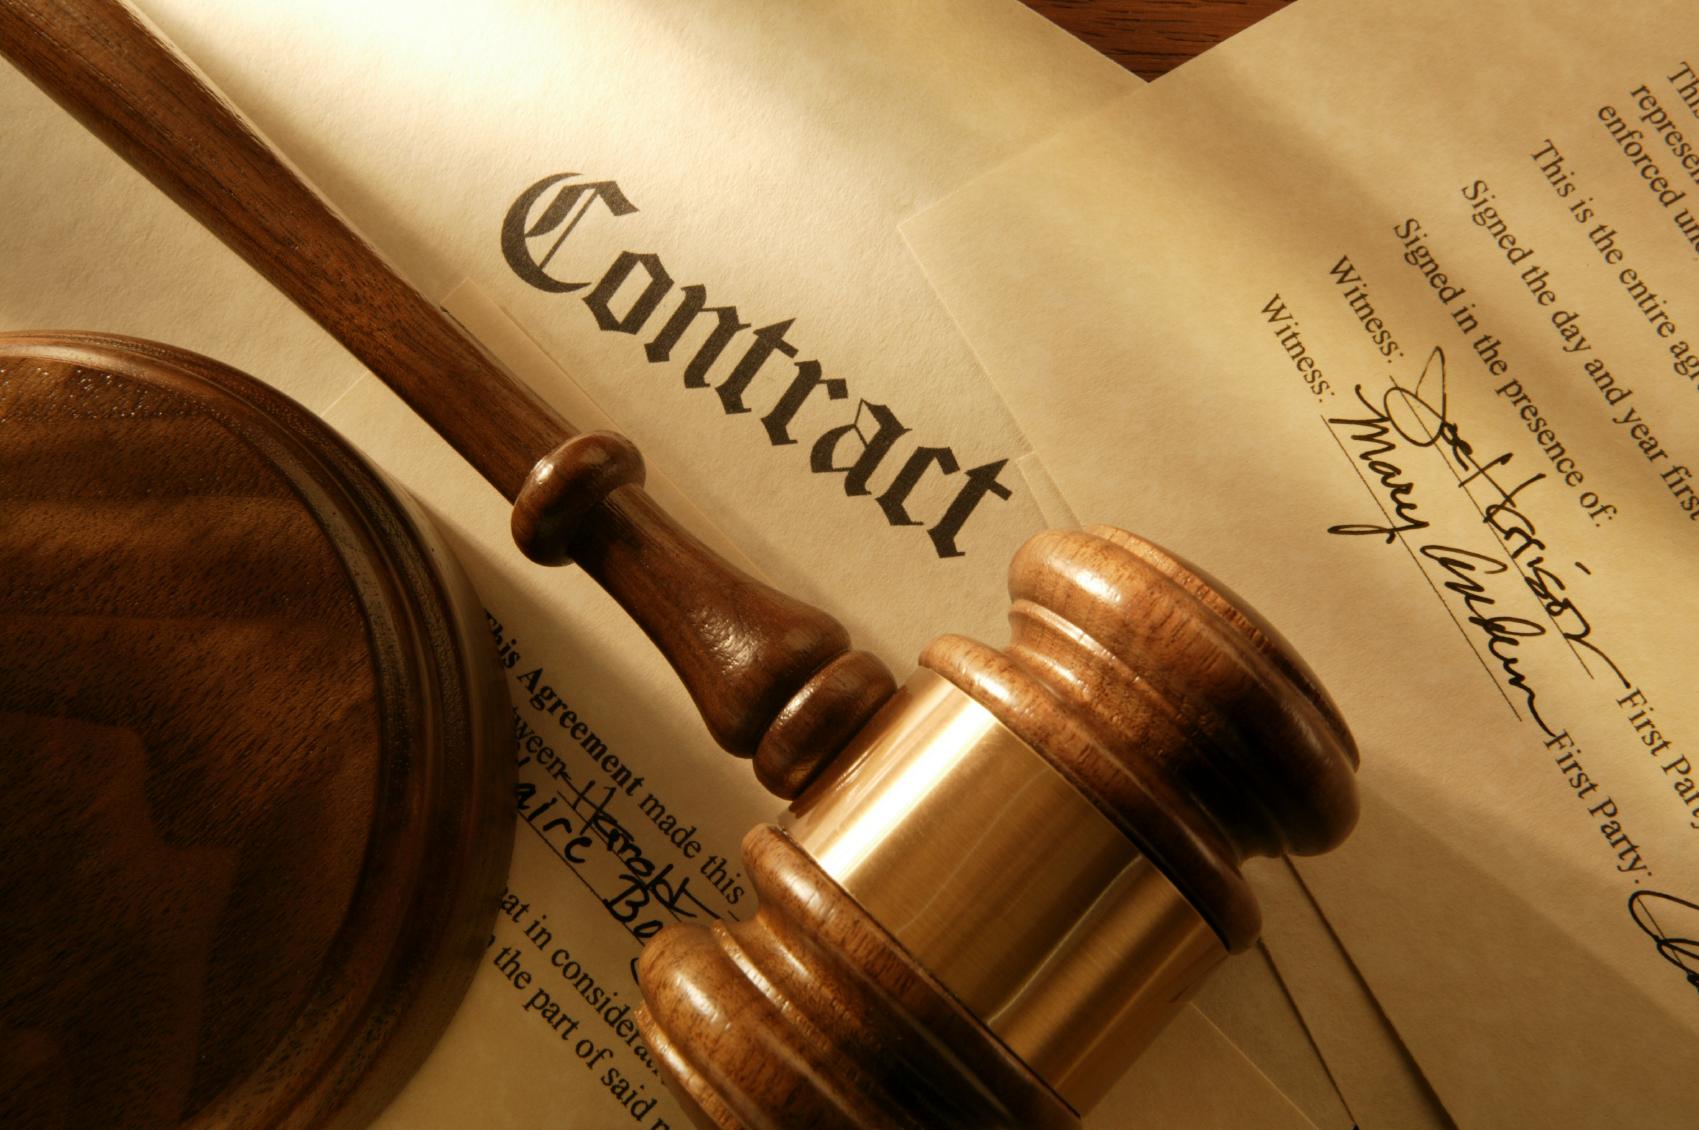 Открытие нотариальной конторы как бизнес